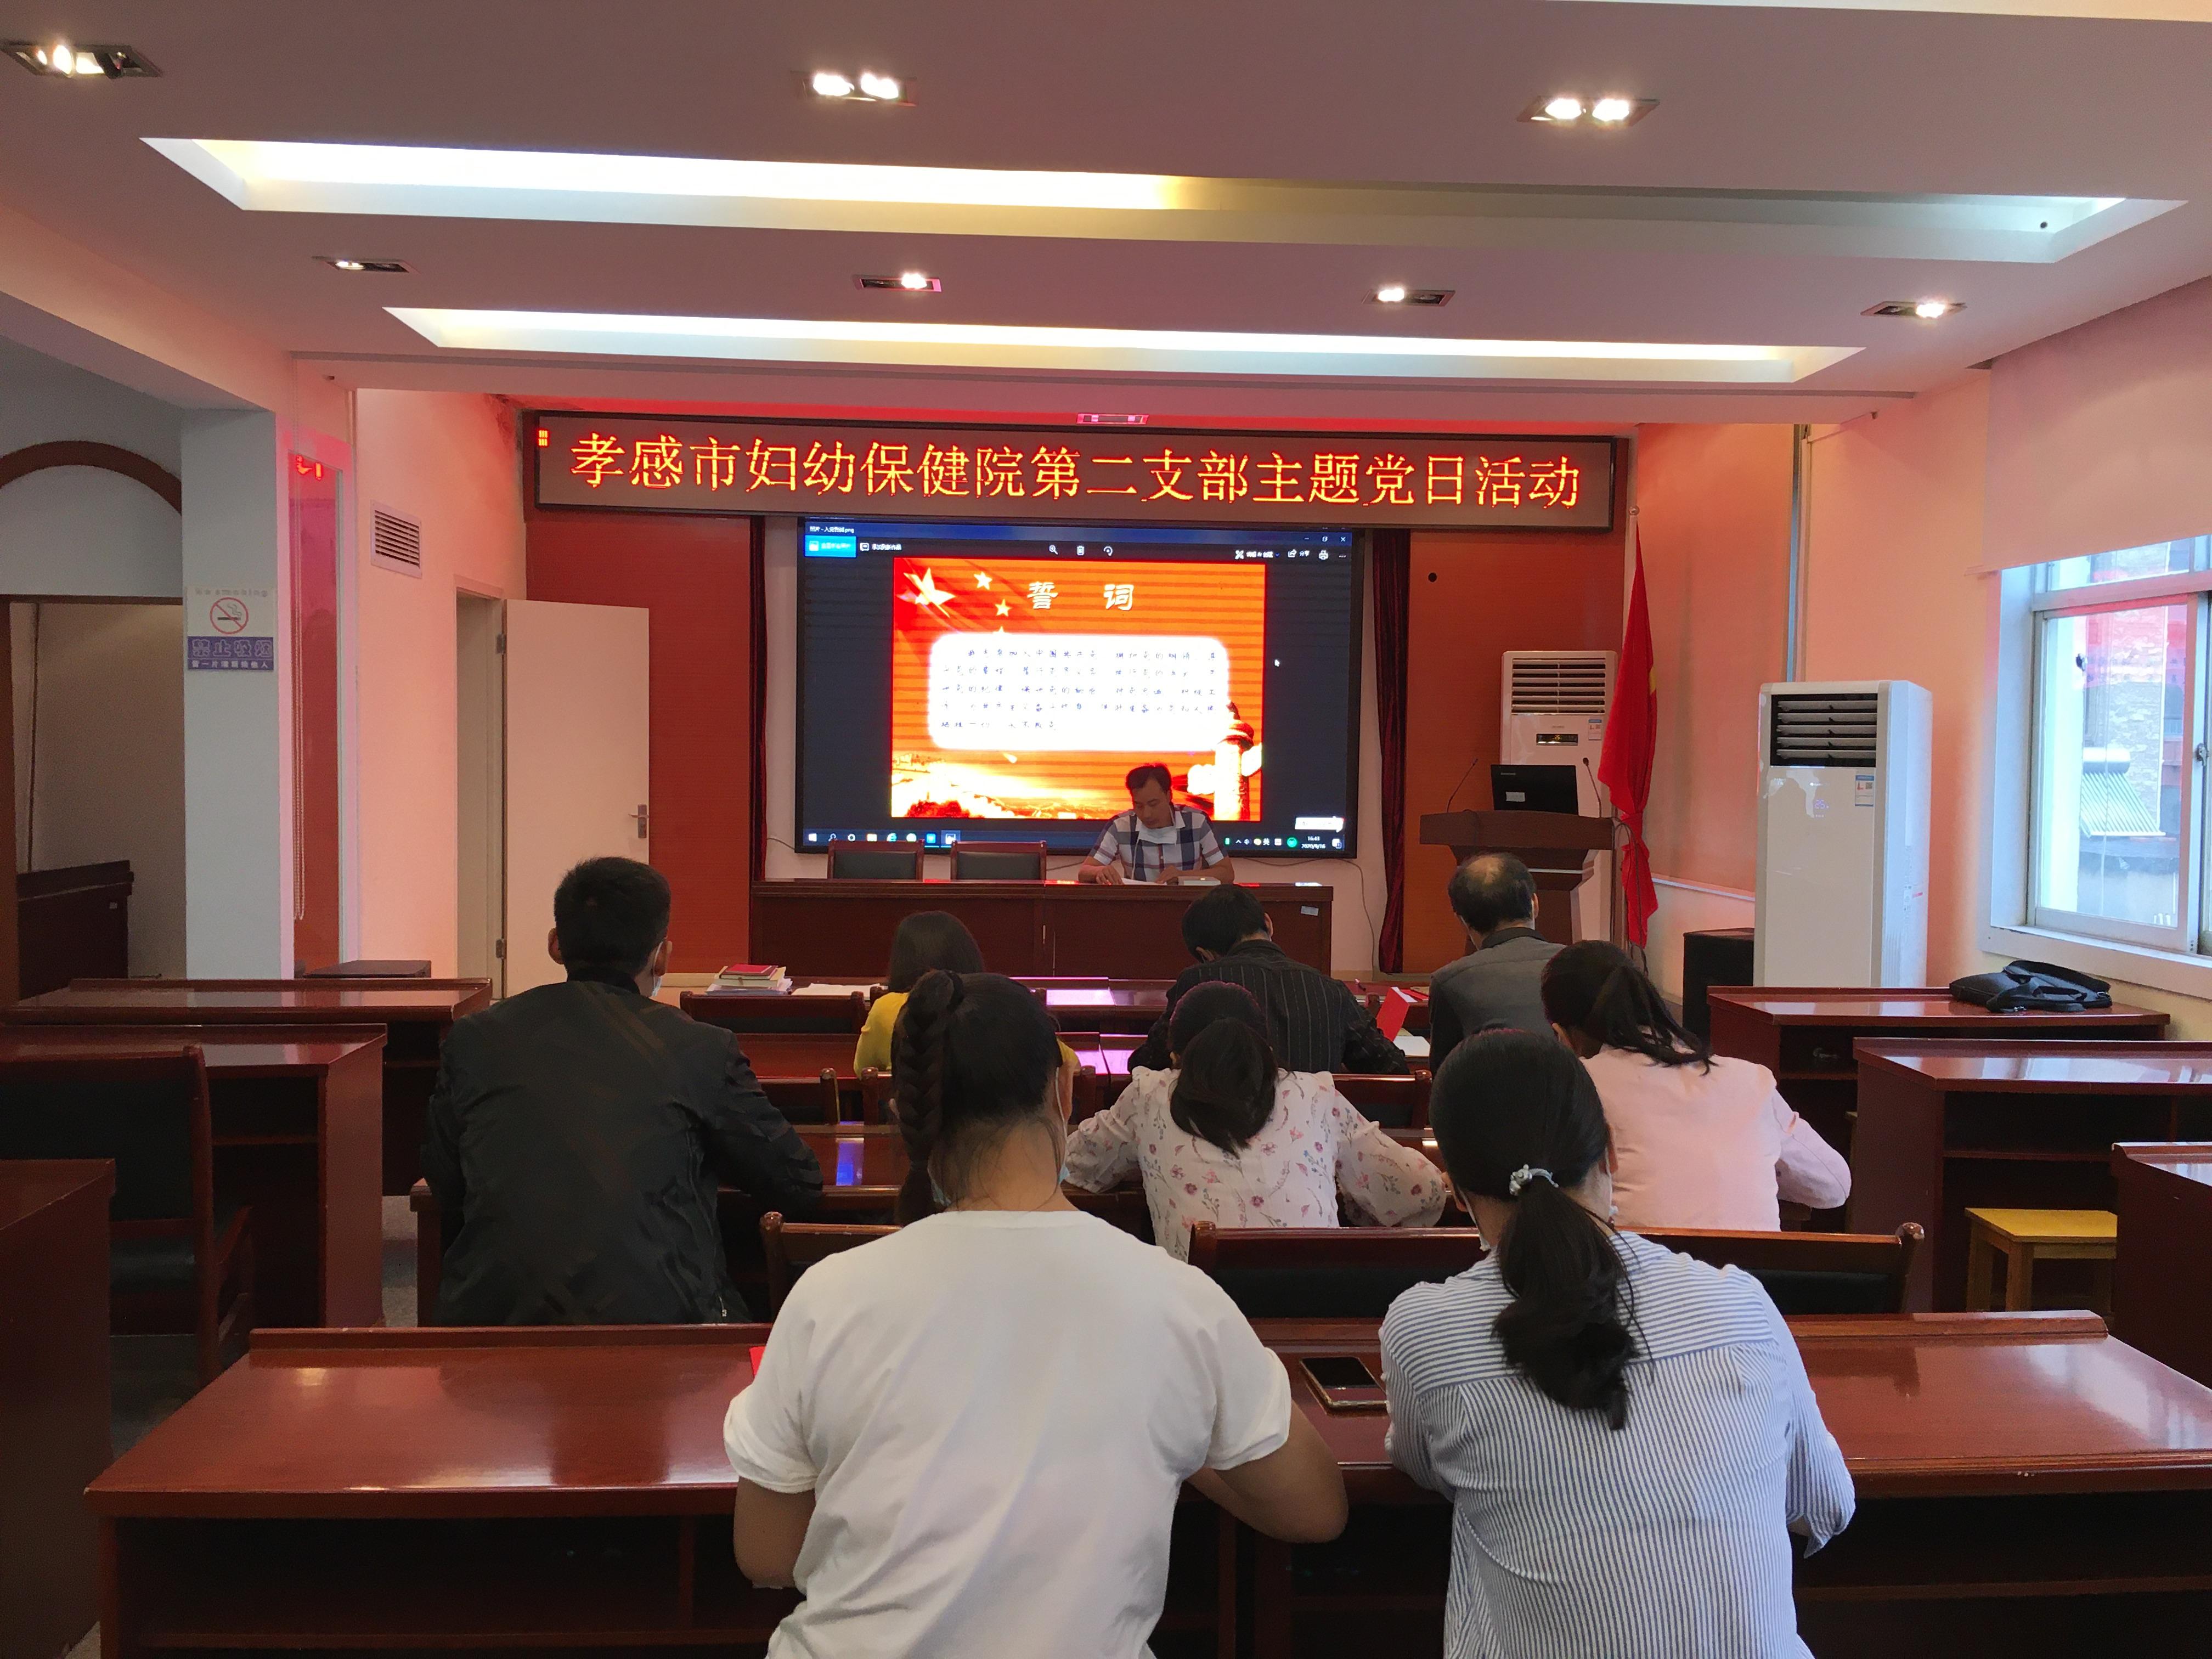 中共孝感市妇幼保健院第二党支部委员会开展9月份主题党日活动